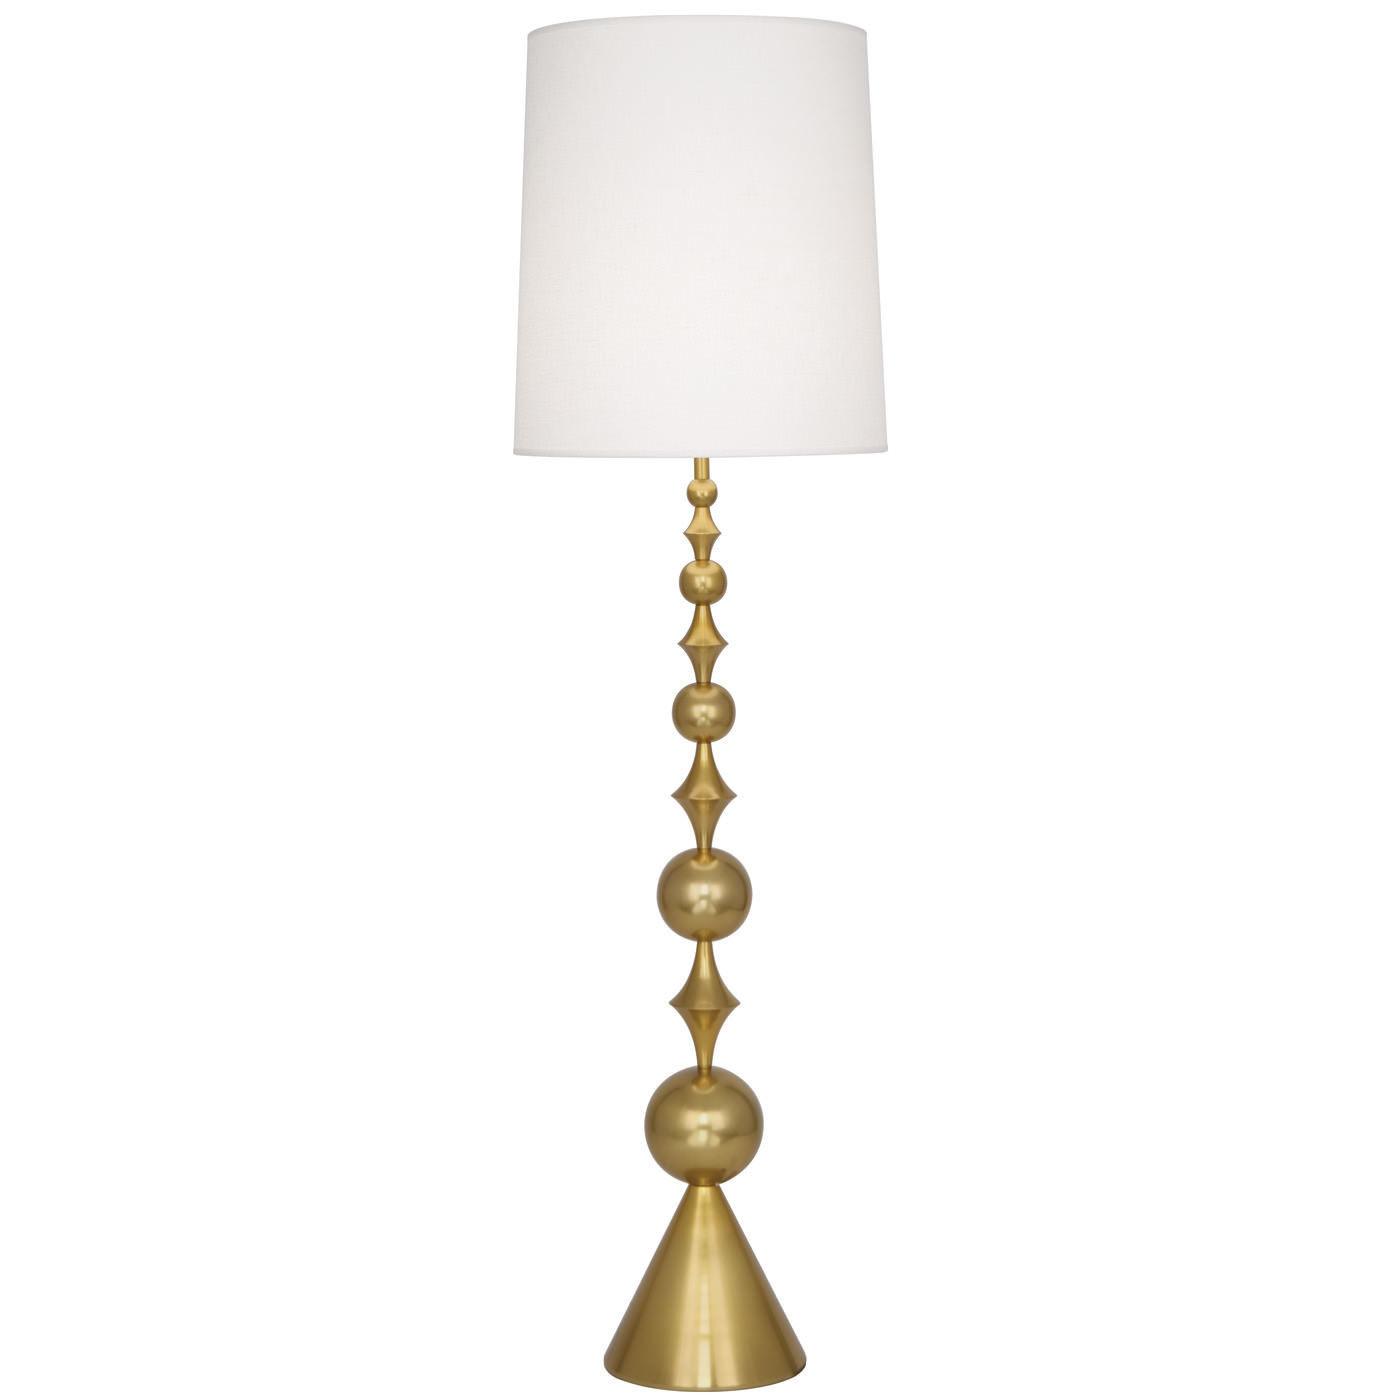 Jonathan Adler Harlequin Floor Lamp | 2 Finishes